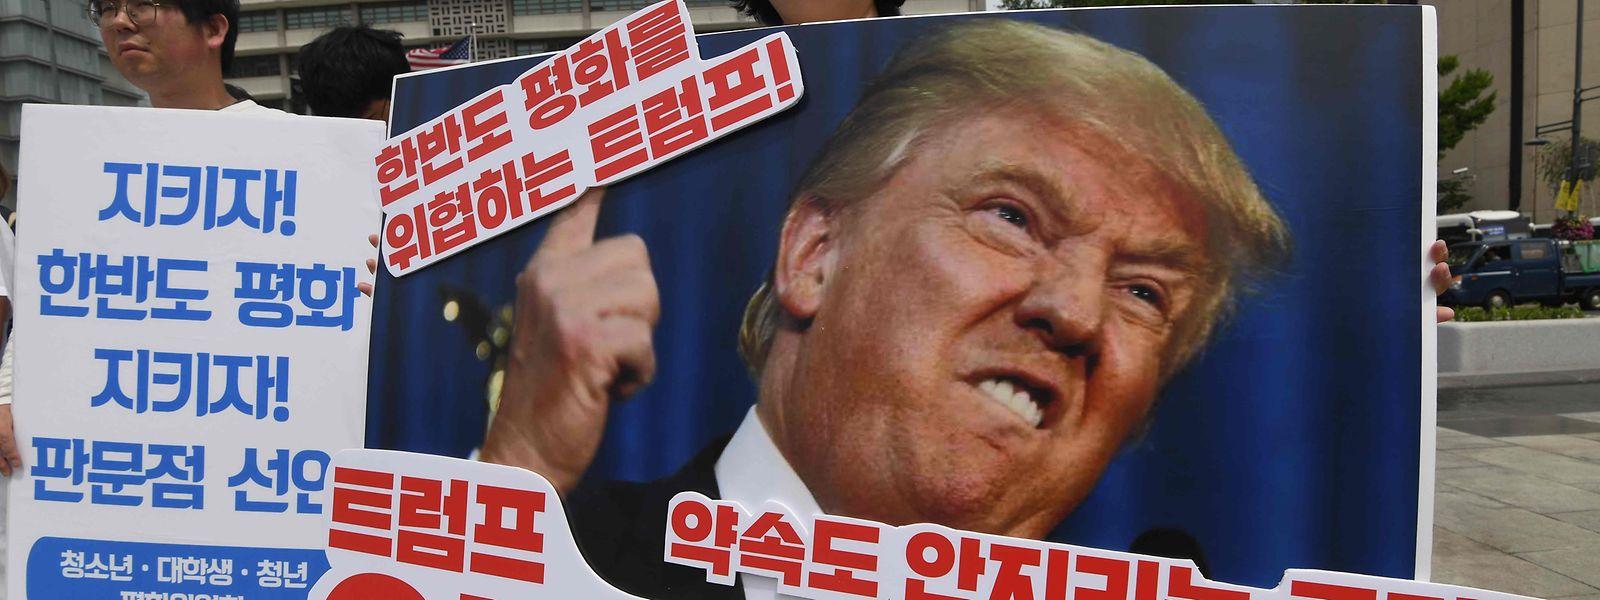 Anti-Trump-Demonstration in Seoul vor der US-Botschaft.